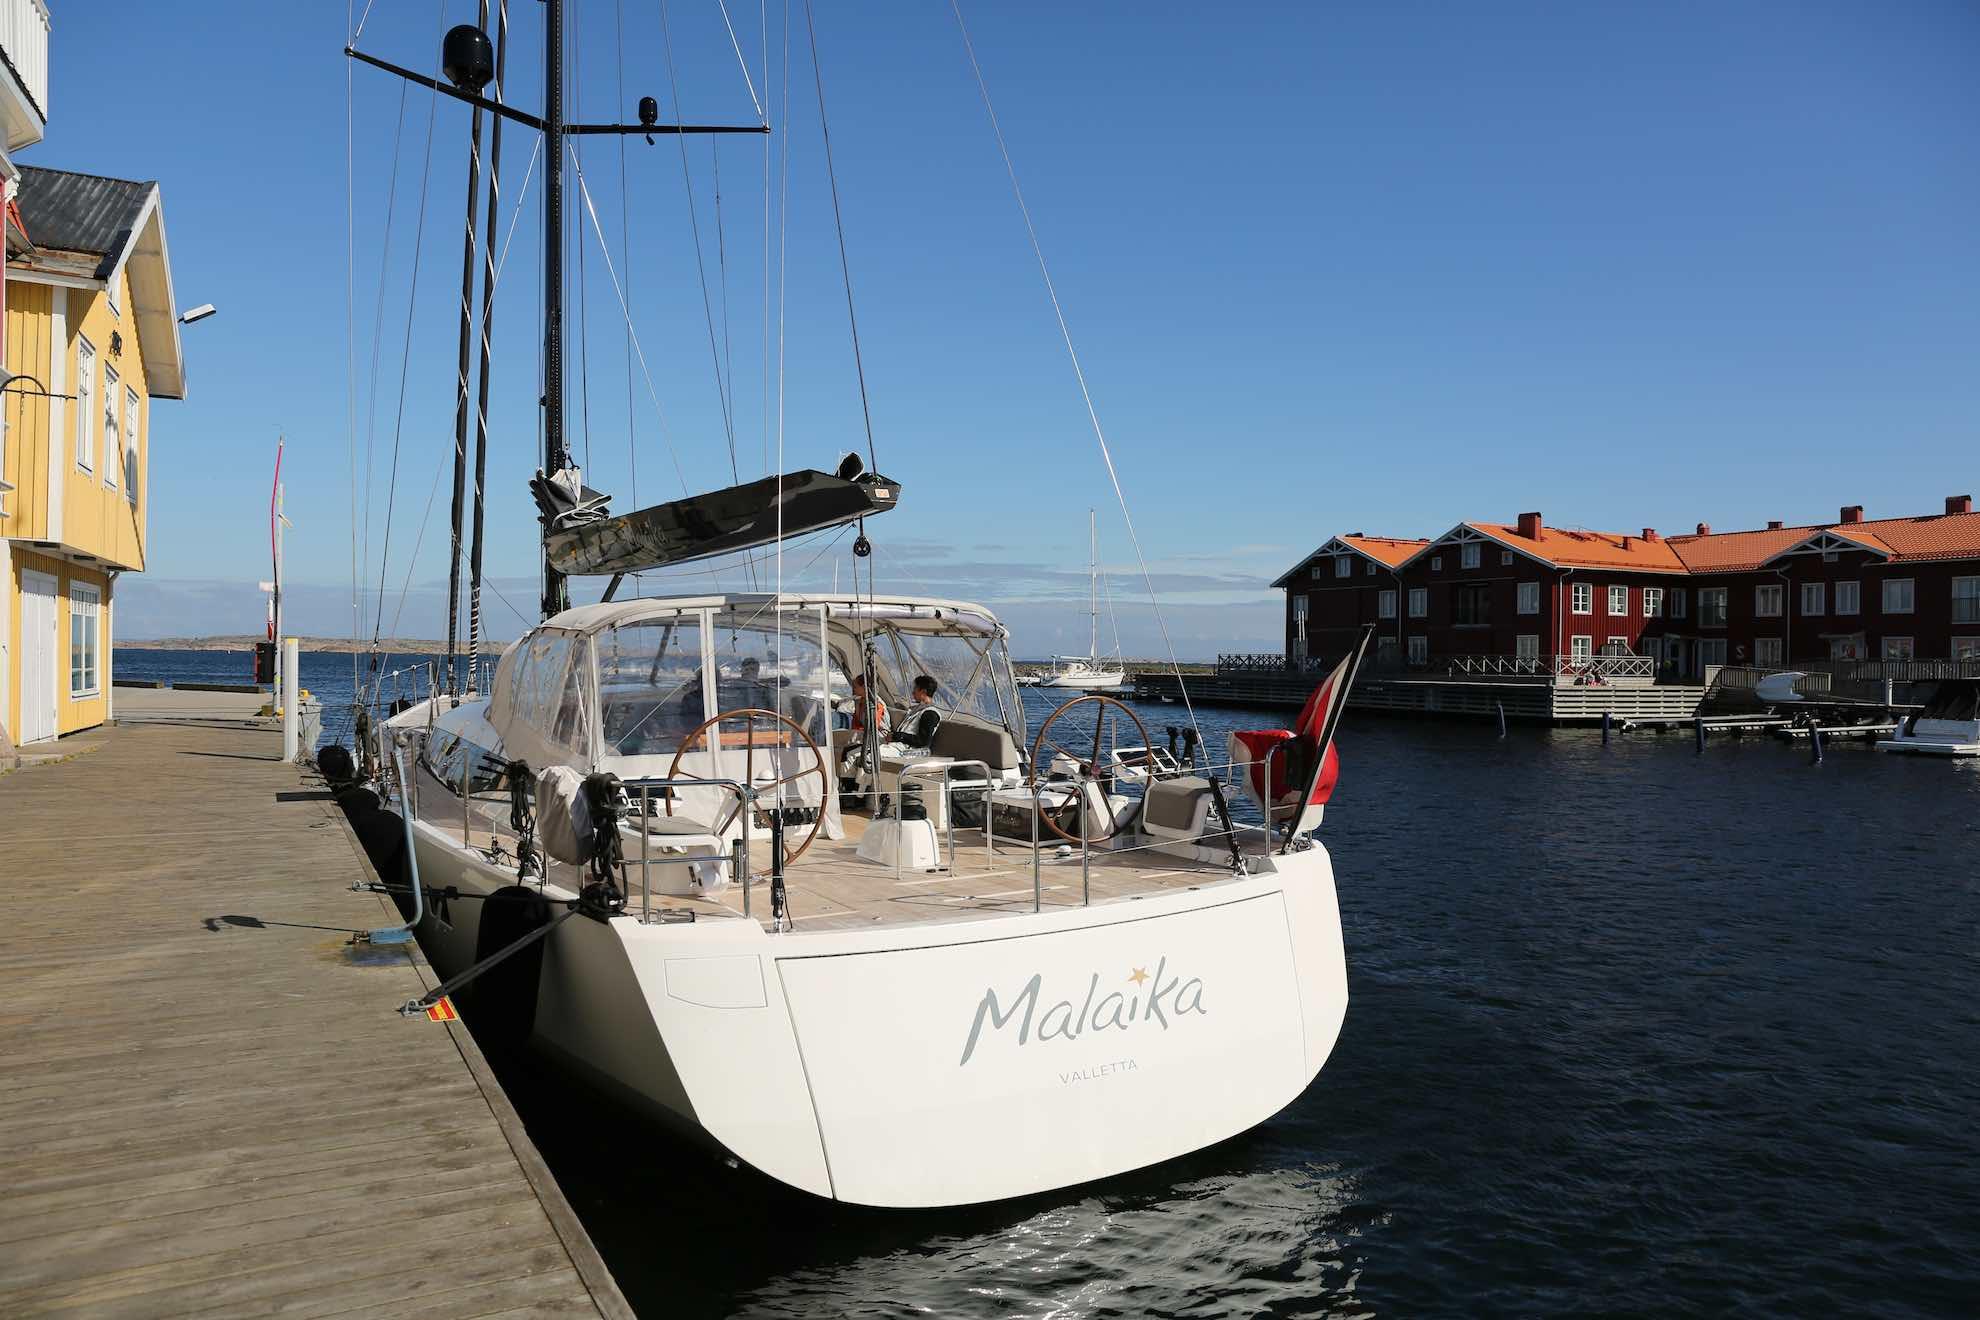 Fest und belegt – Malaika an der Pier.